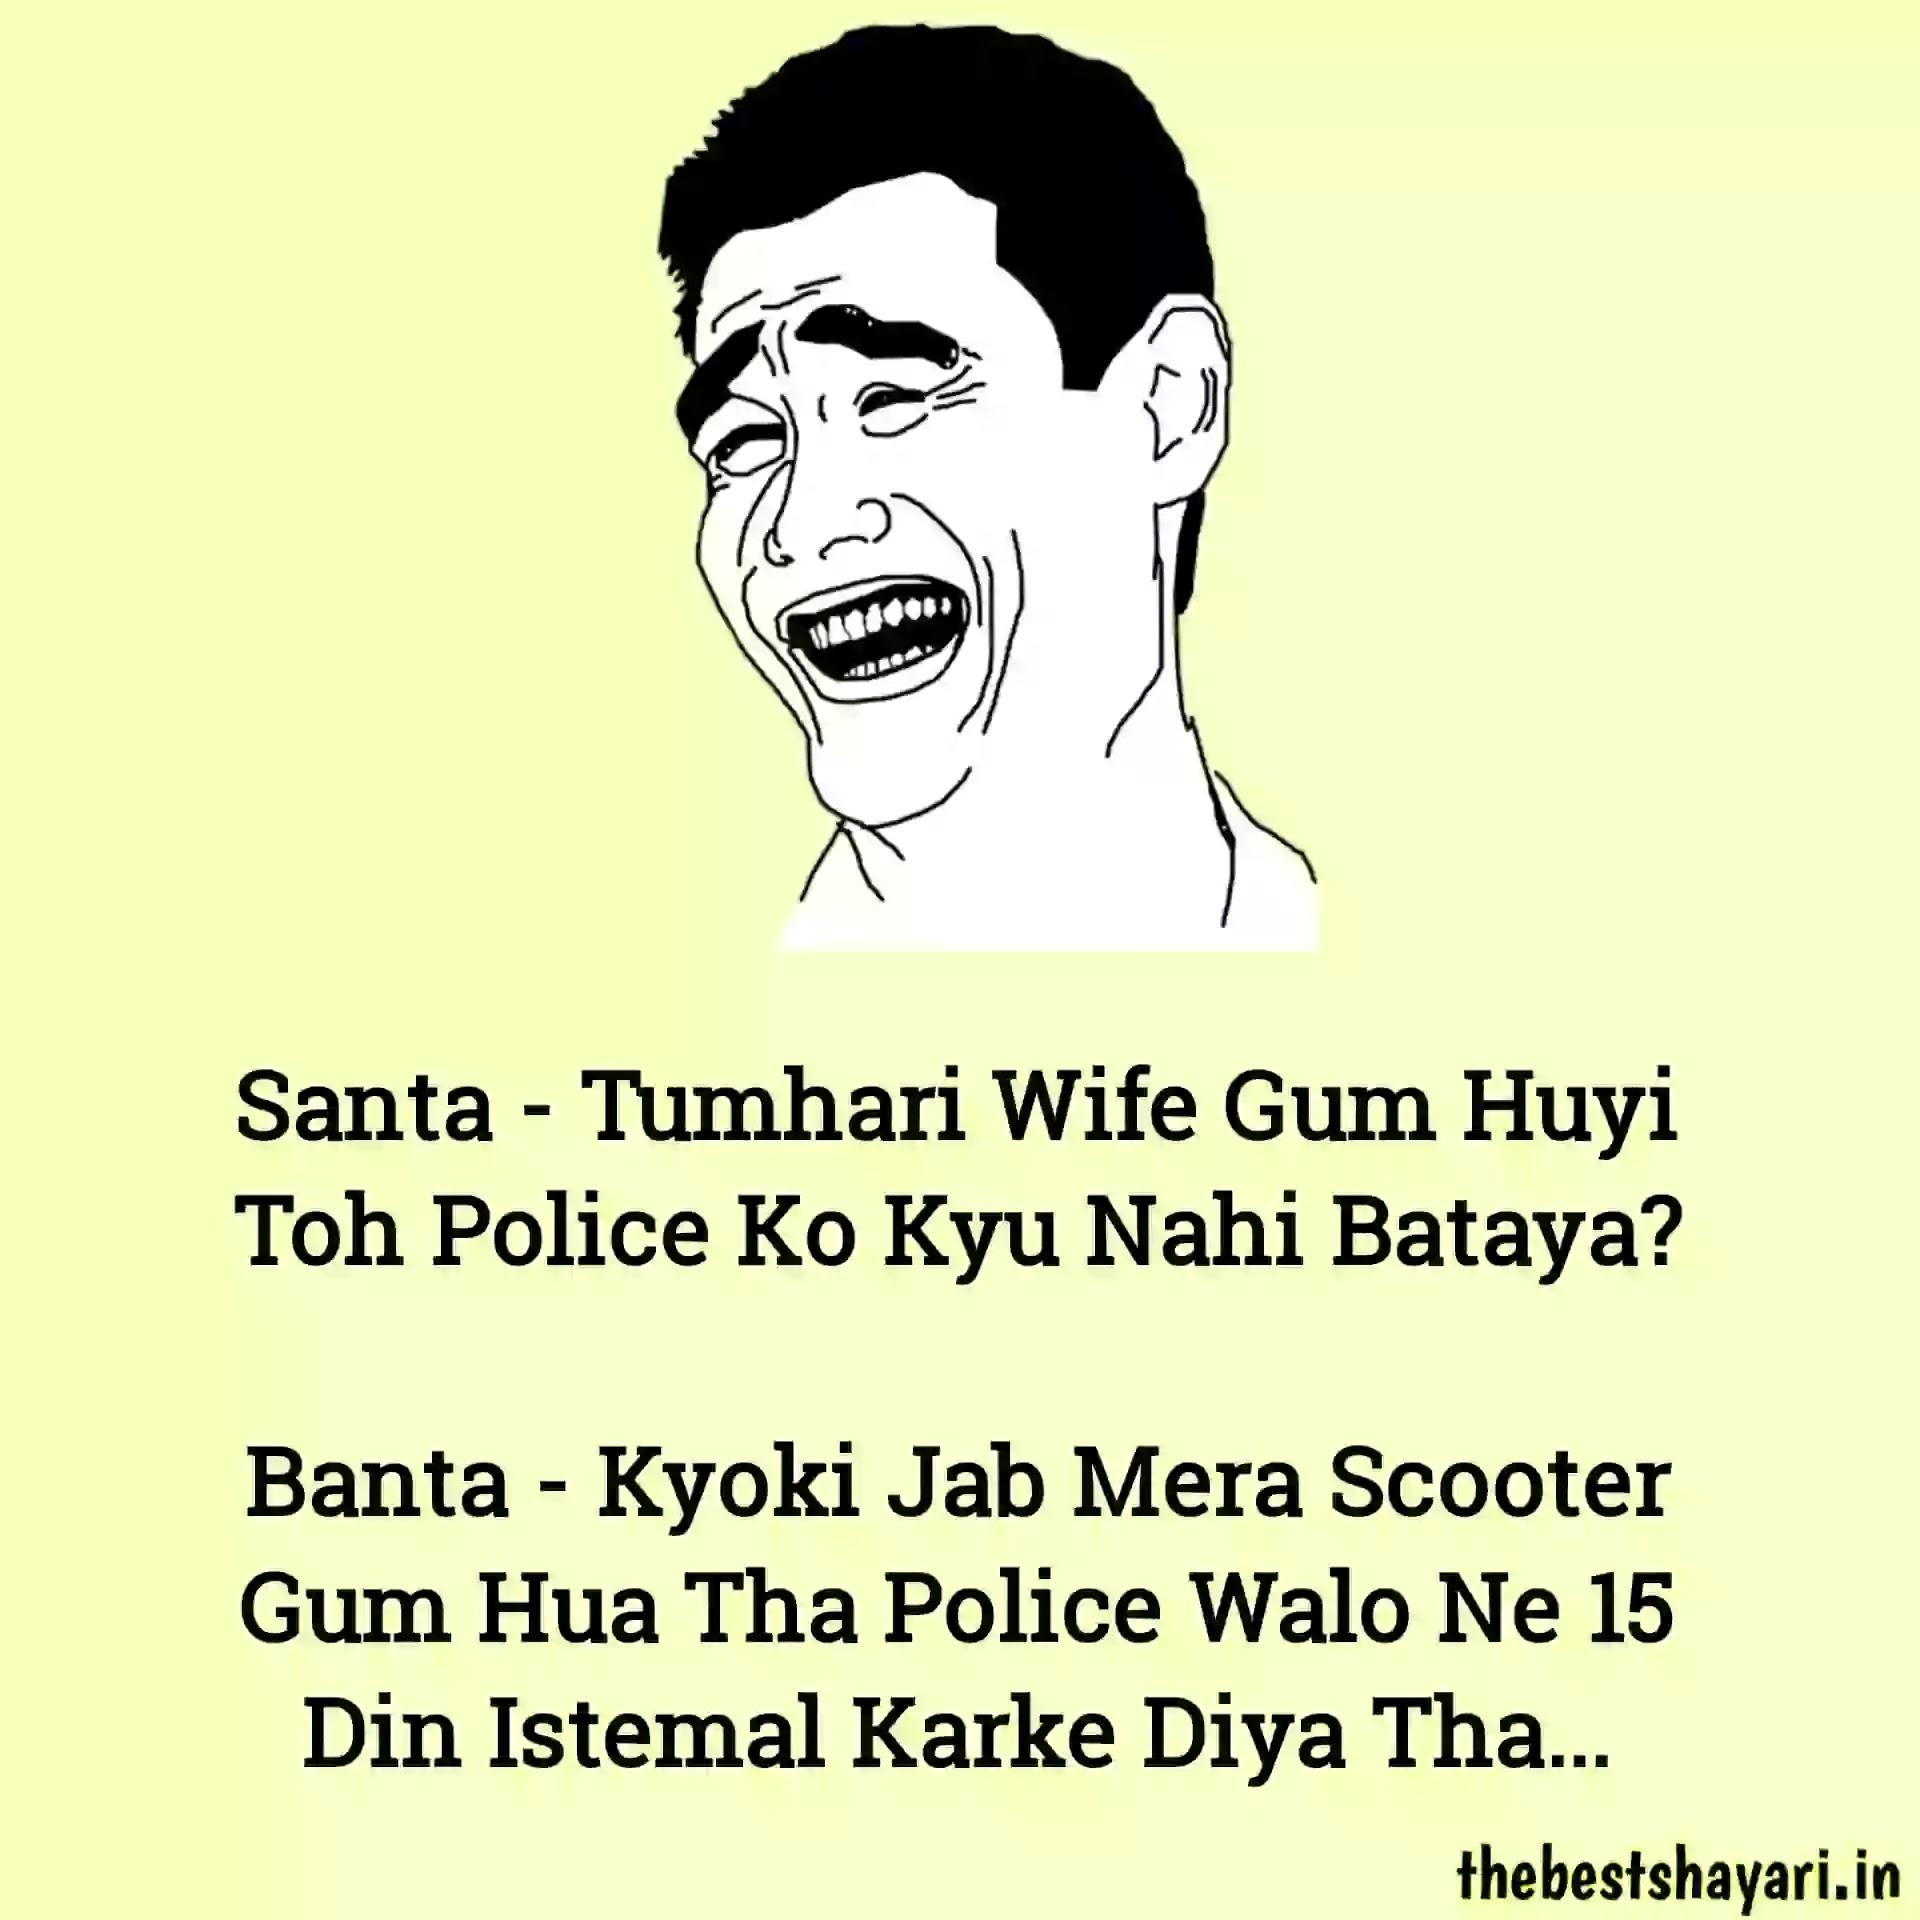 santa banta jokes in Hindi images